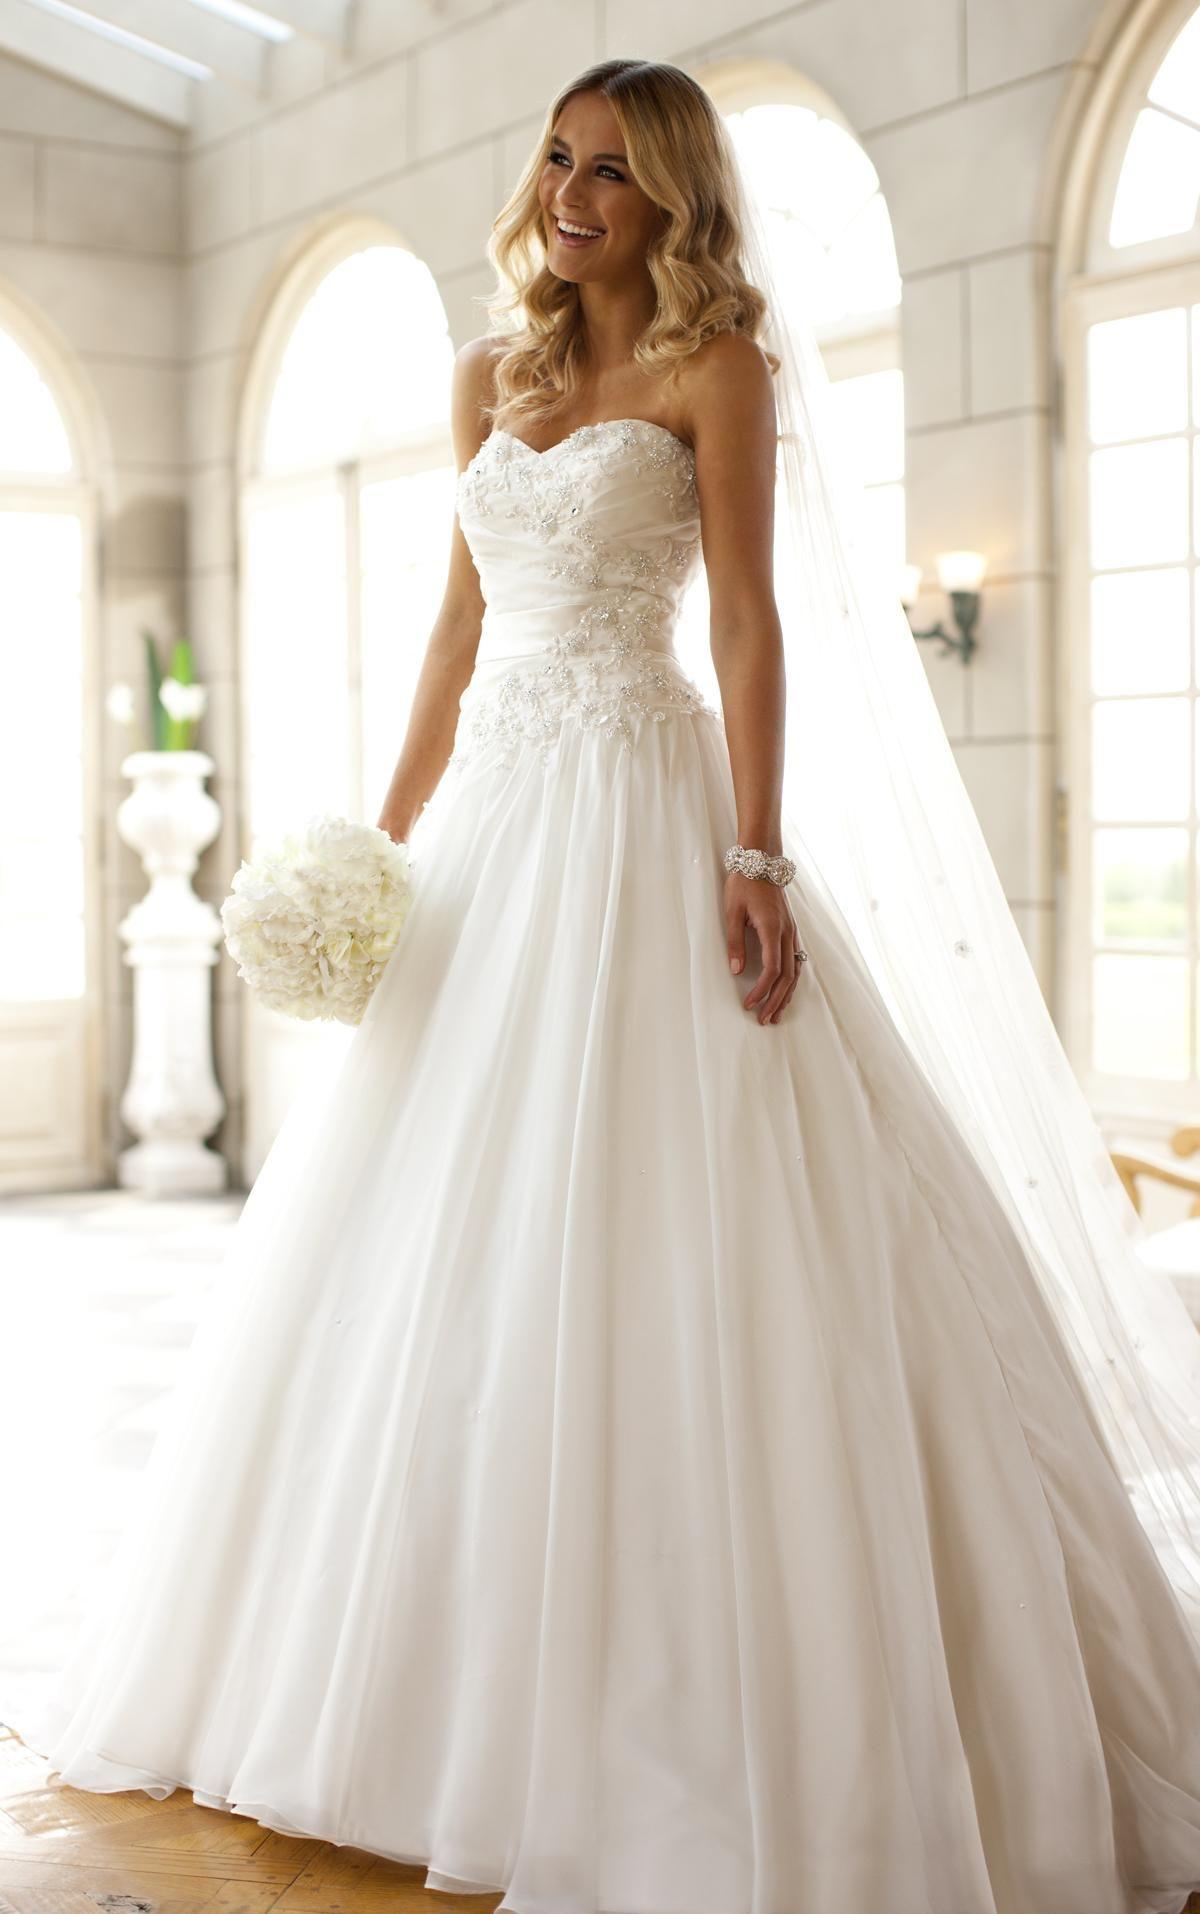 Vestiti Da Sposa Costo.Abiti Da Sposa Firenze Prezzi Bassi Abiti Da Sposa Avorio Abiti